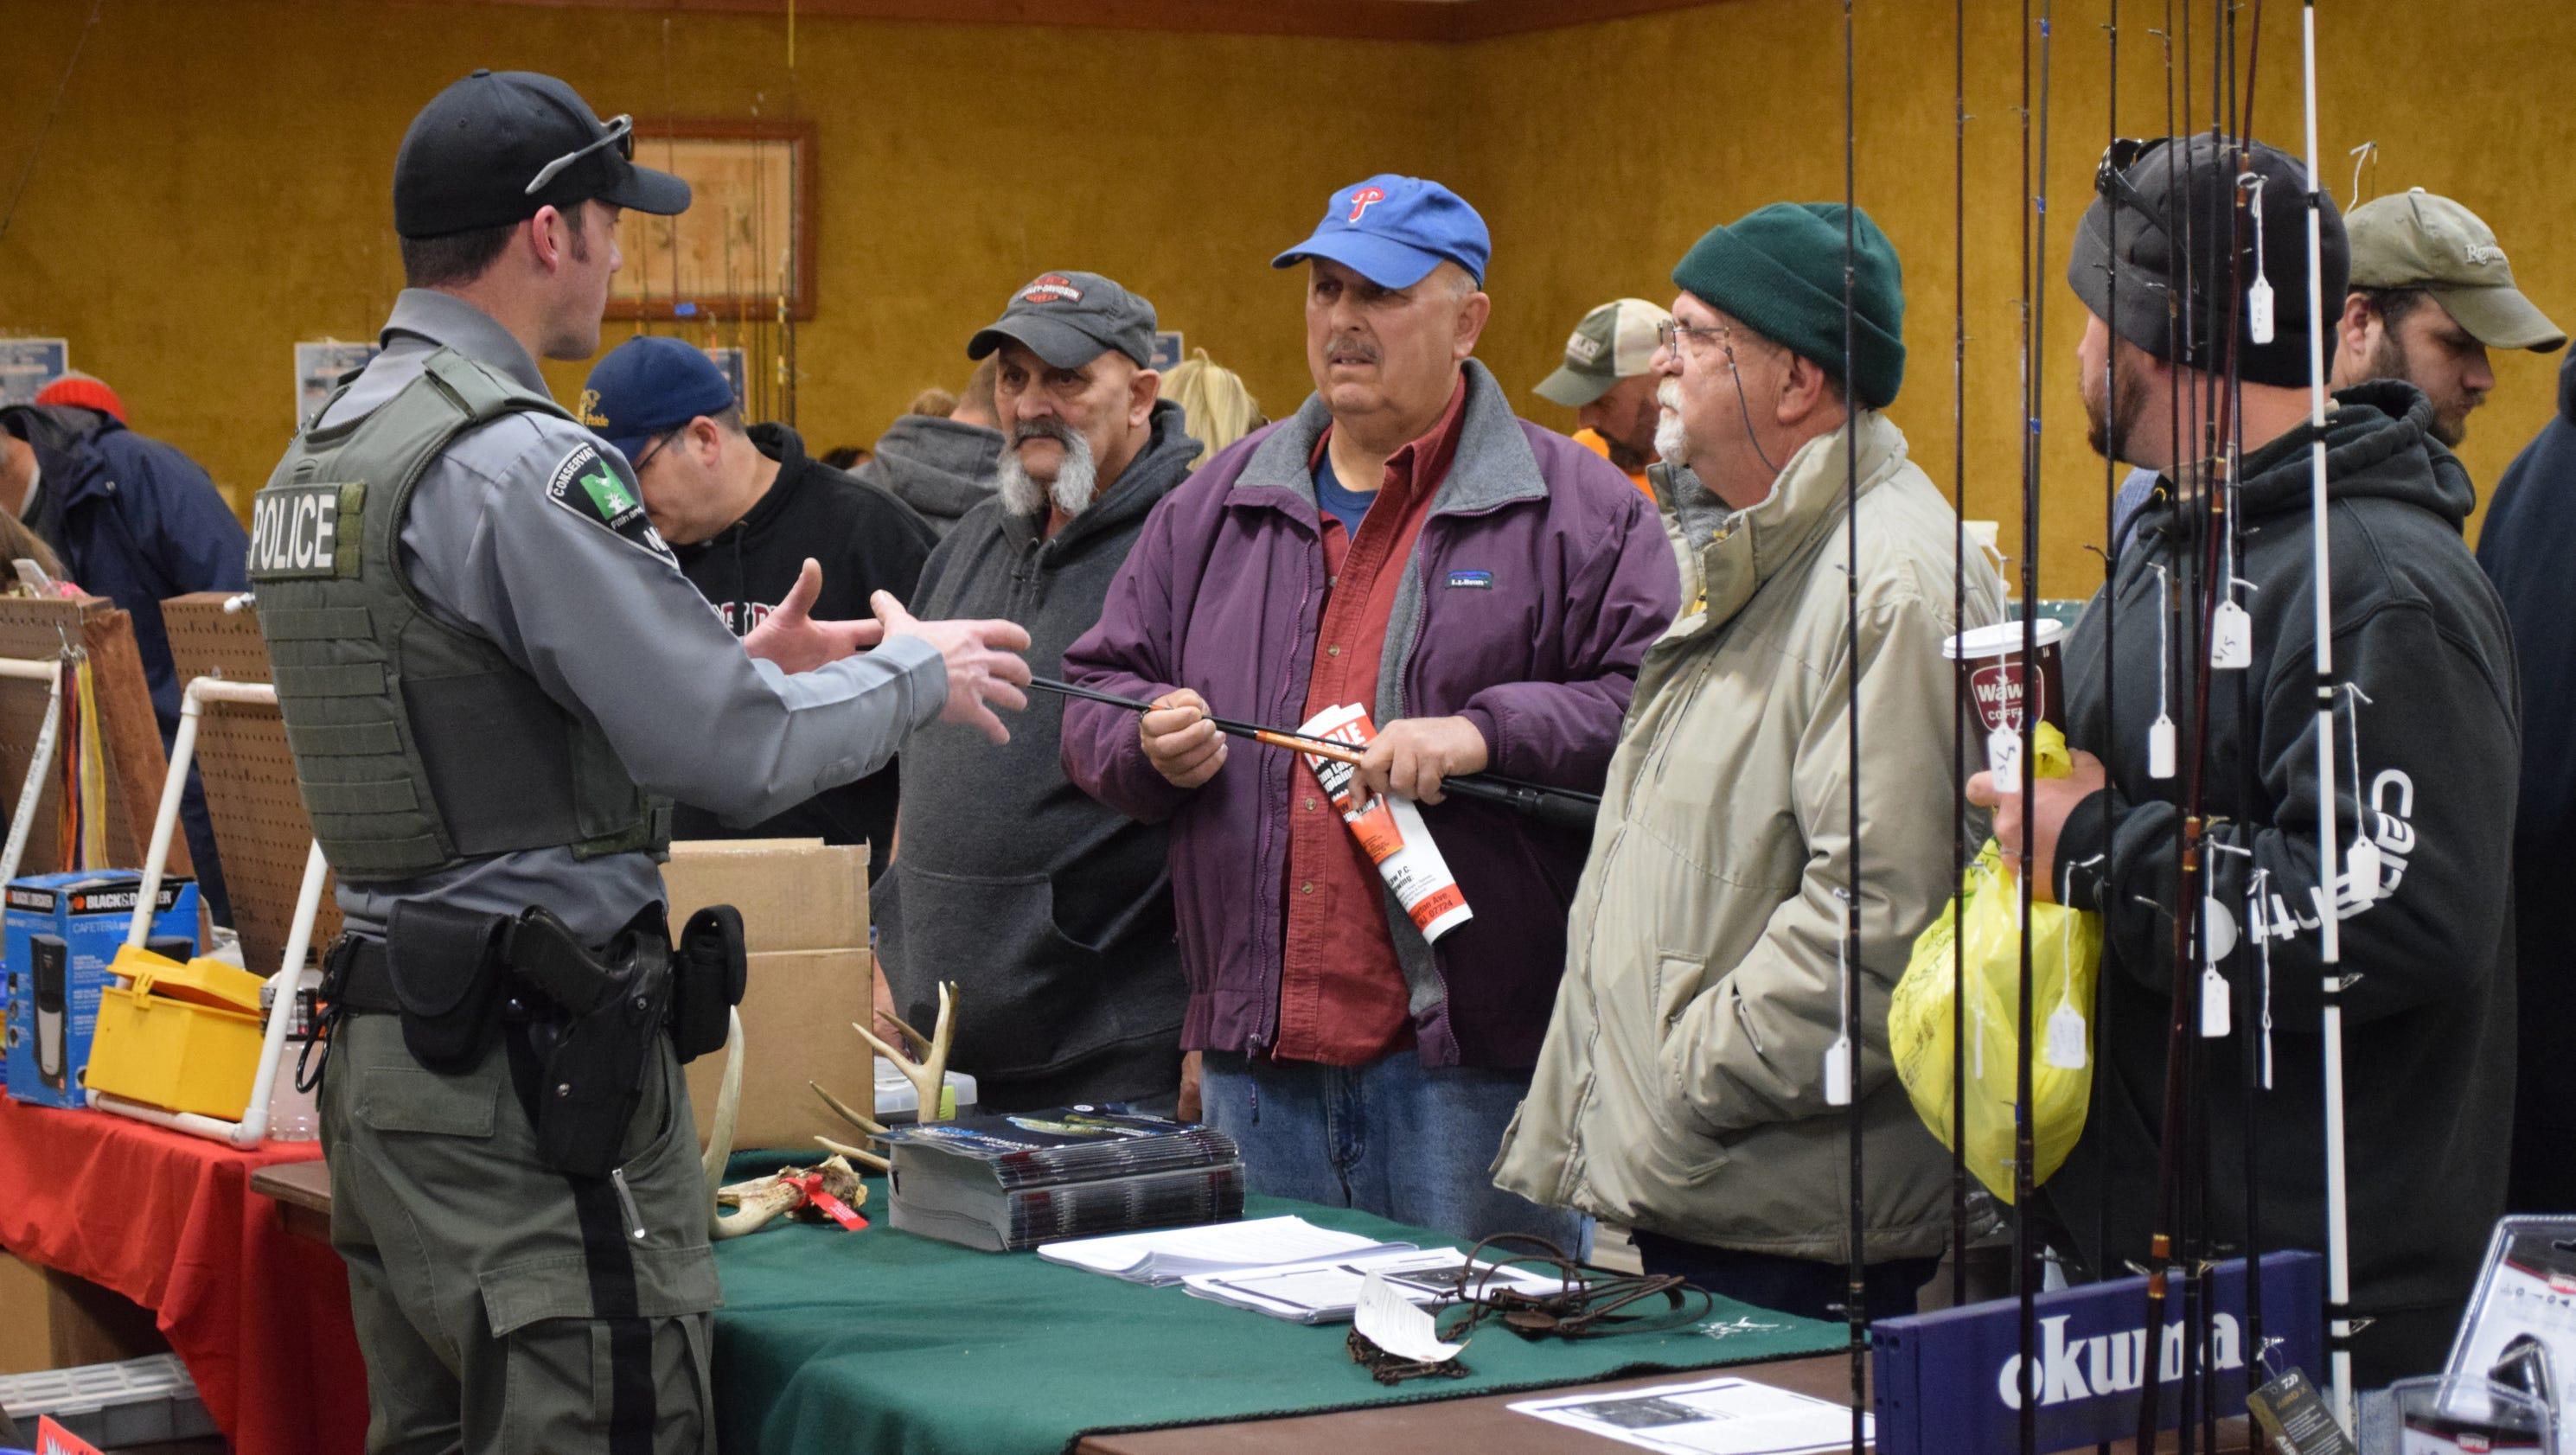 Flea market lures in fishermen for Fishing flea market nj